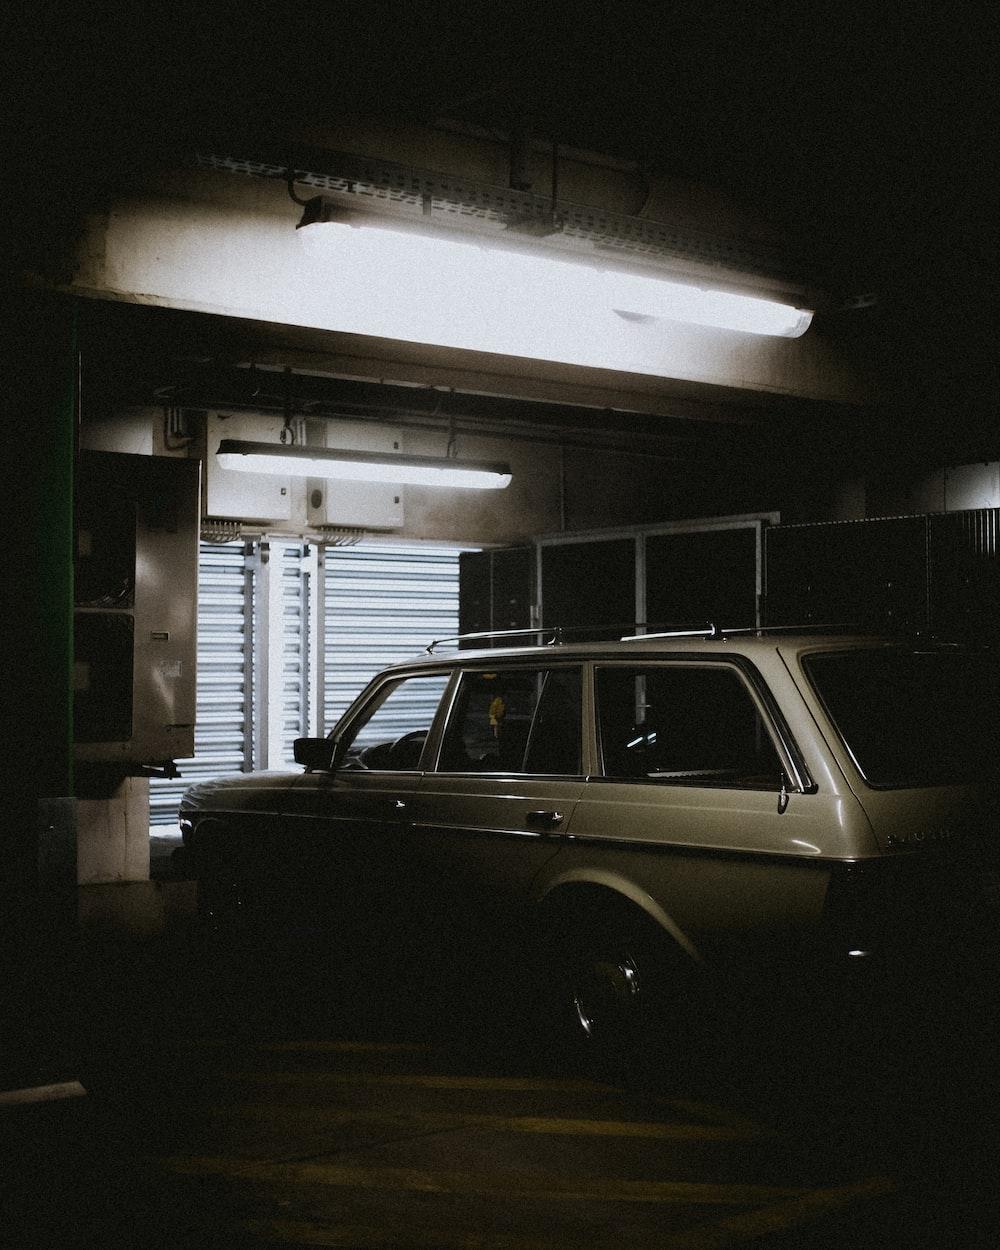 gray car parked beside shutter door